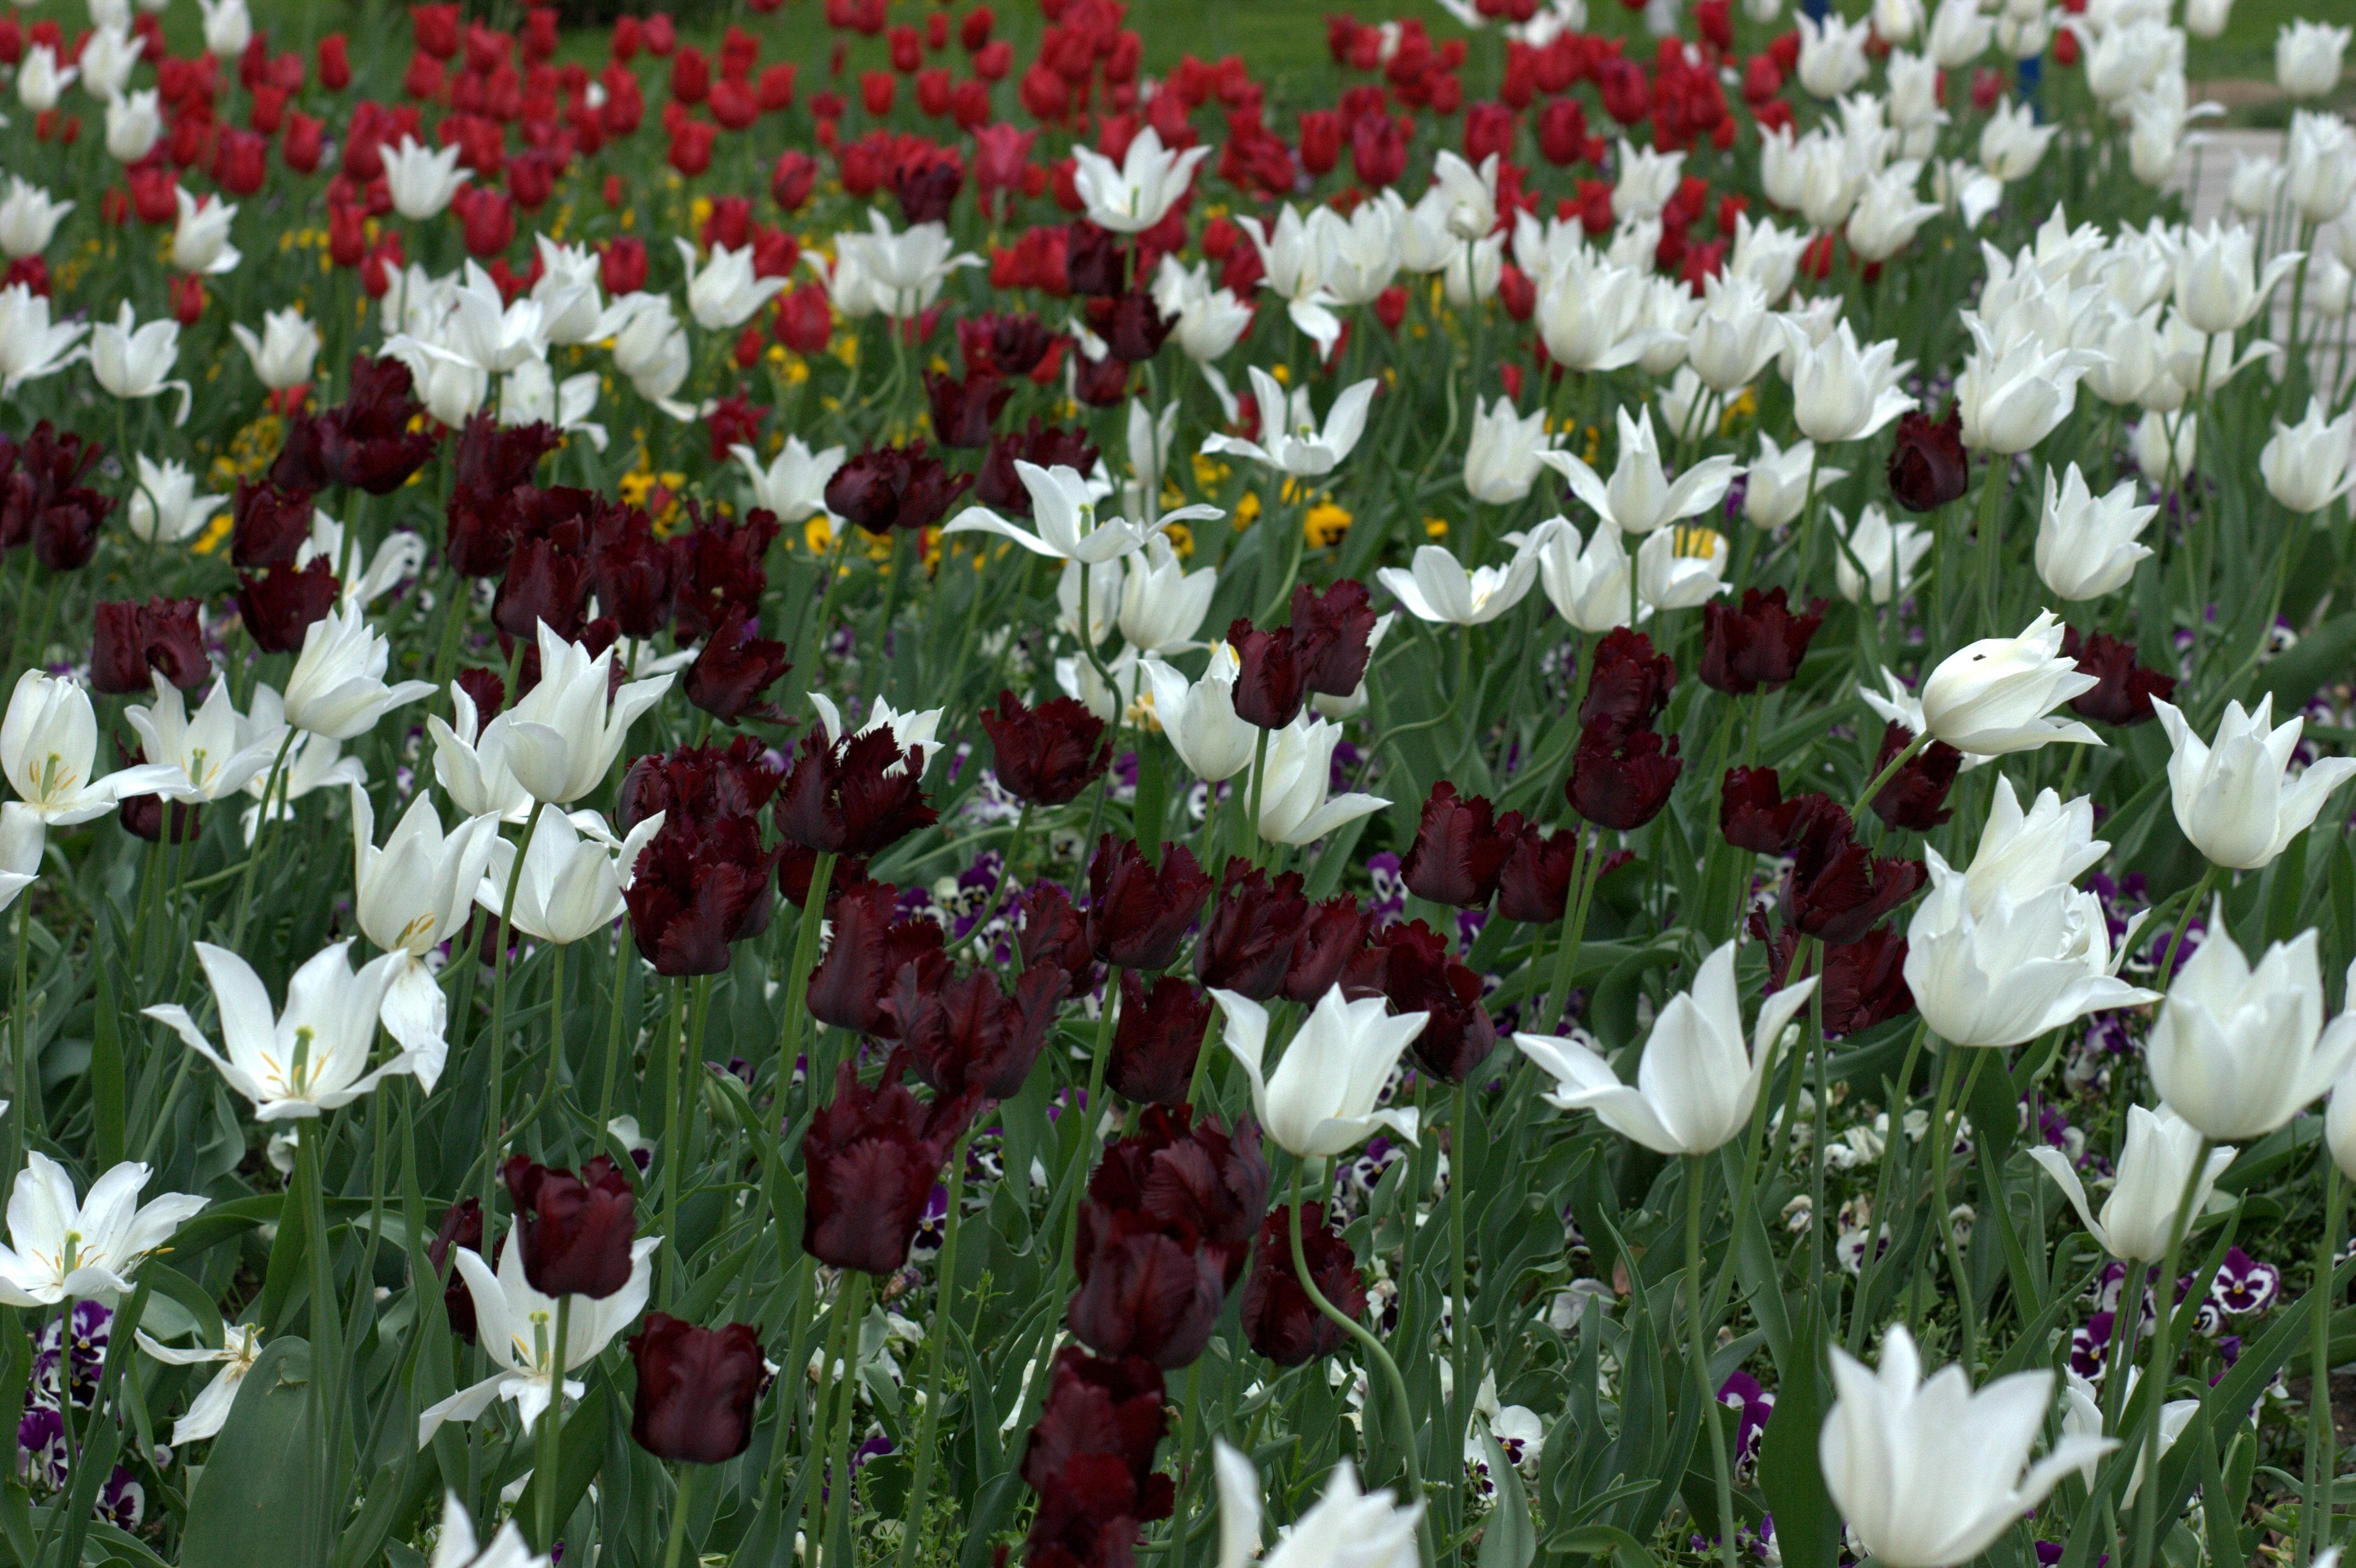 Fotoğraf çiçek Taçyaprağı Lale Bahar Botanik çiçekler Boyama